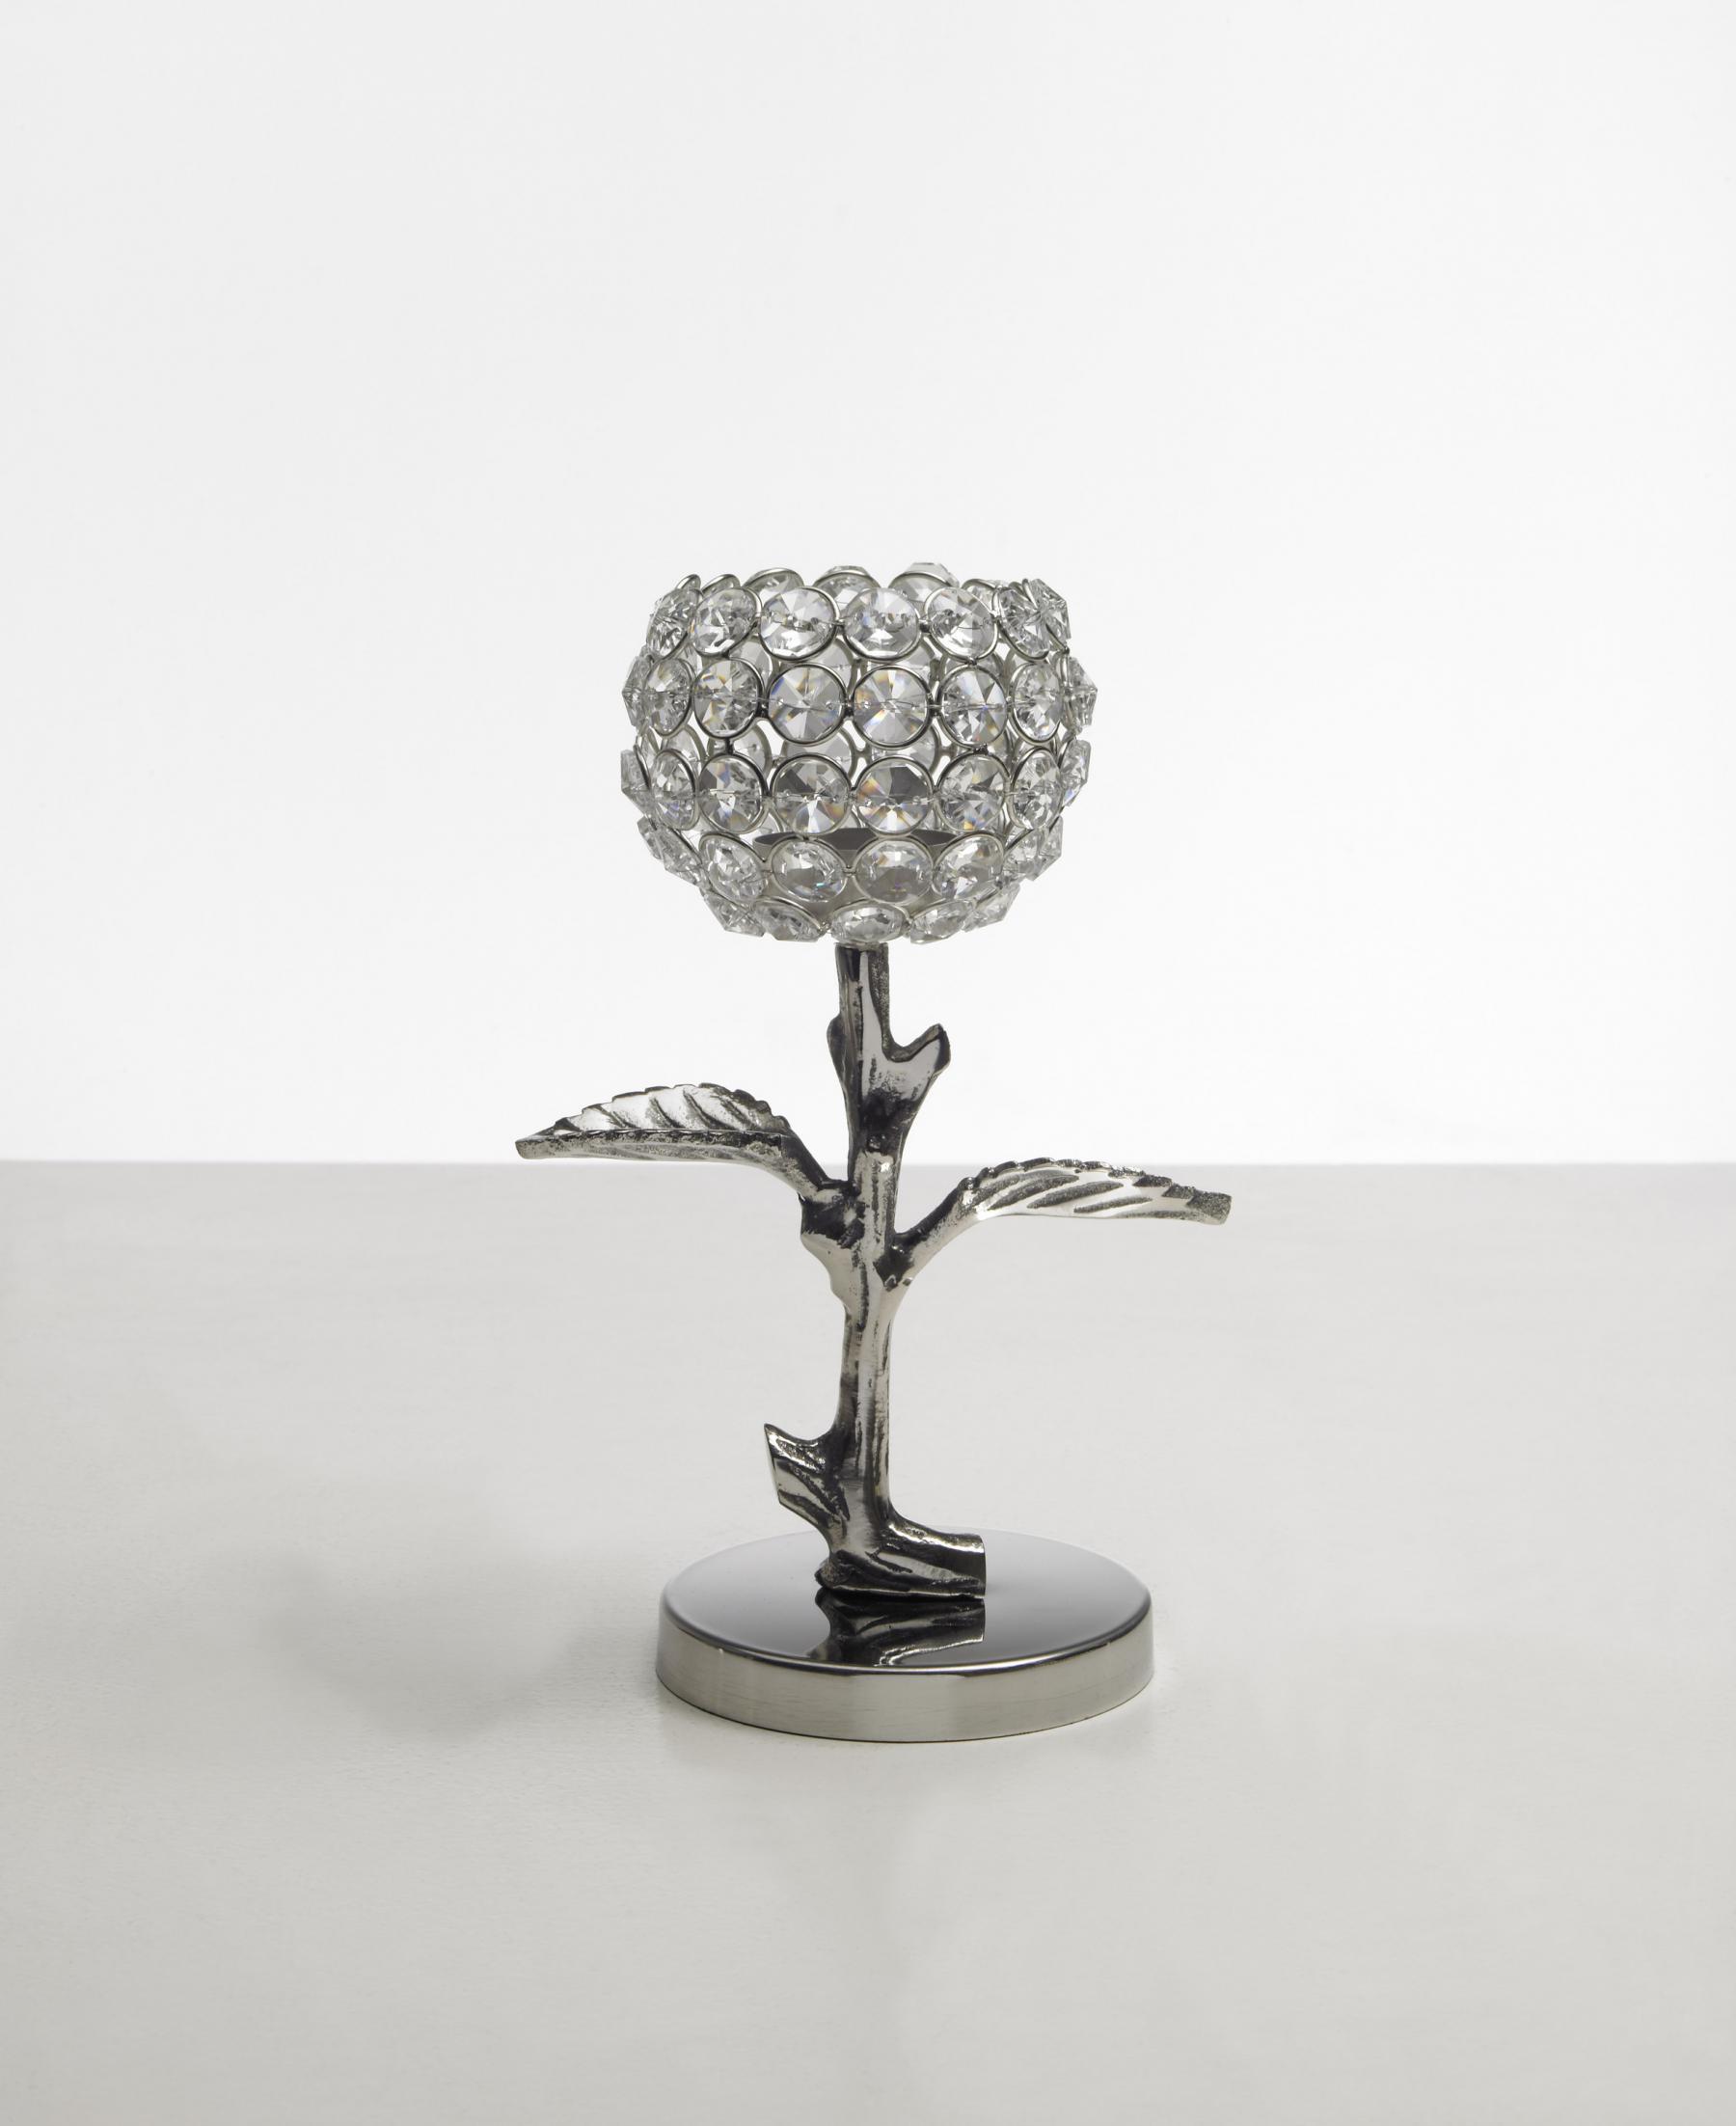 Kristall Kerzenständer Teelichthalter Leaves Teelichthalter ...